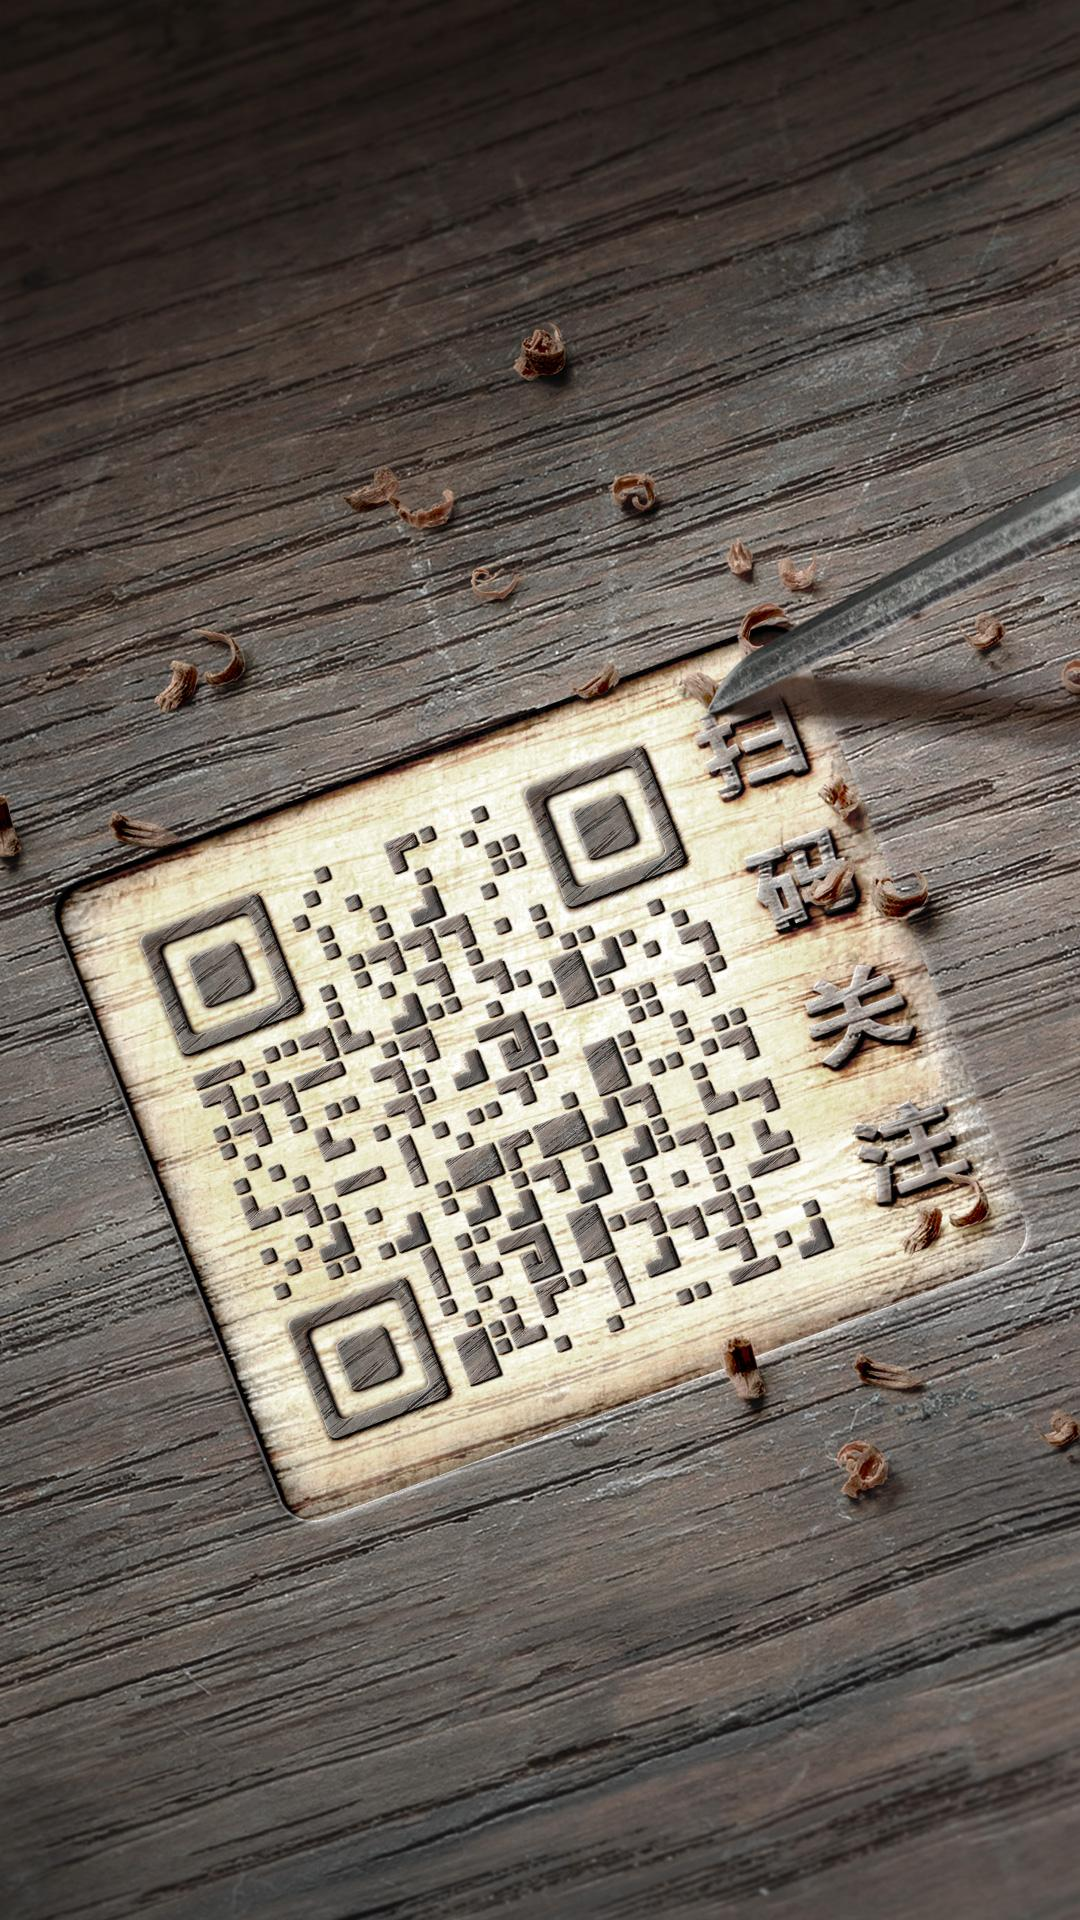 木刻二维码 艺术二维码